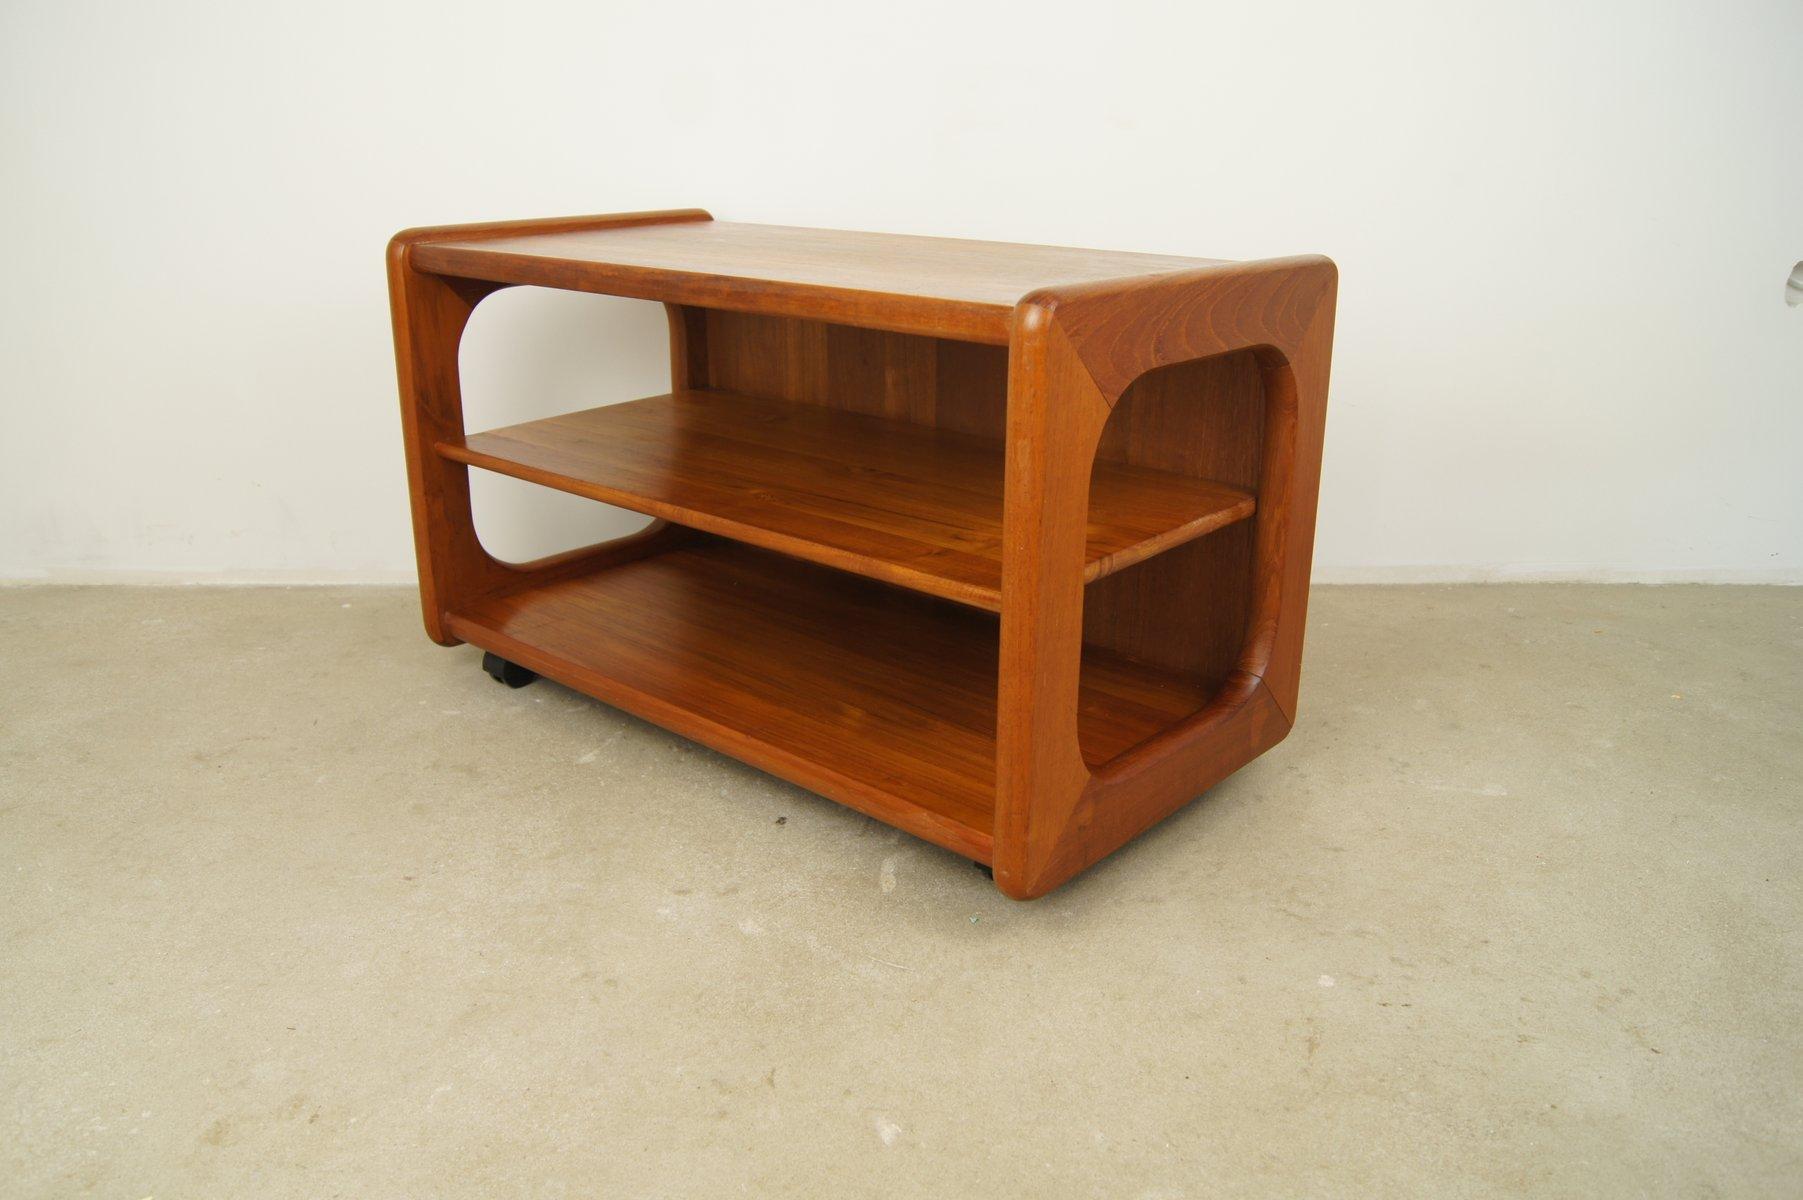 d nischer mid century teak beistelltisch von toften m bel 1960er bei pamono kaufen. Black Bedroom Furniture Sets. Home Design Ideas